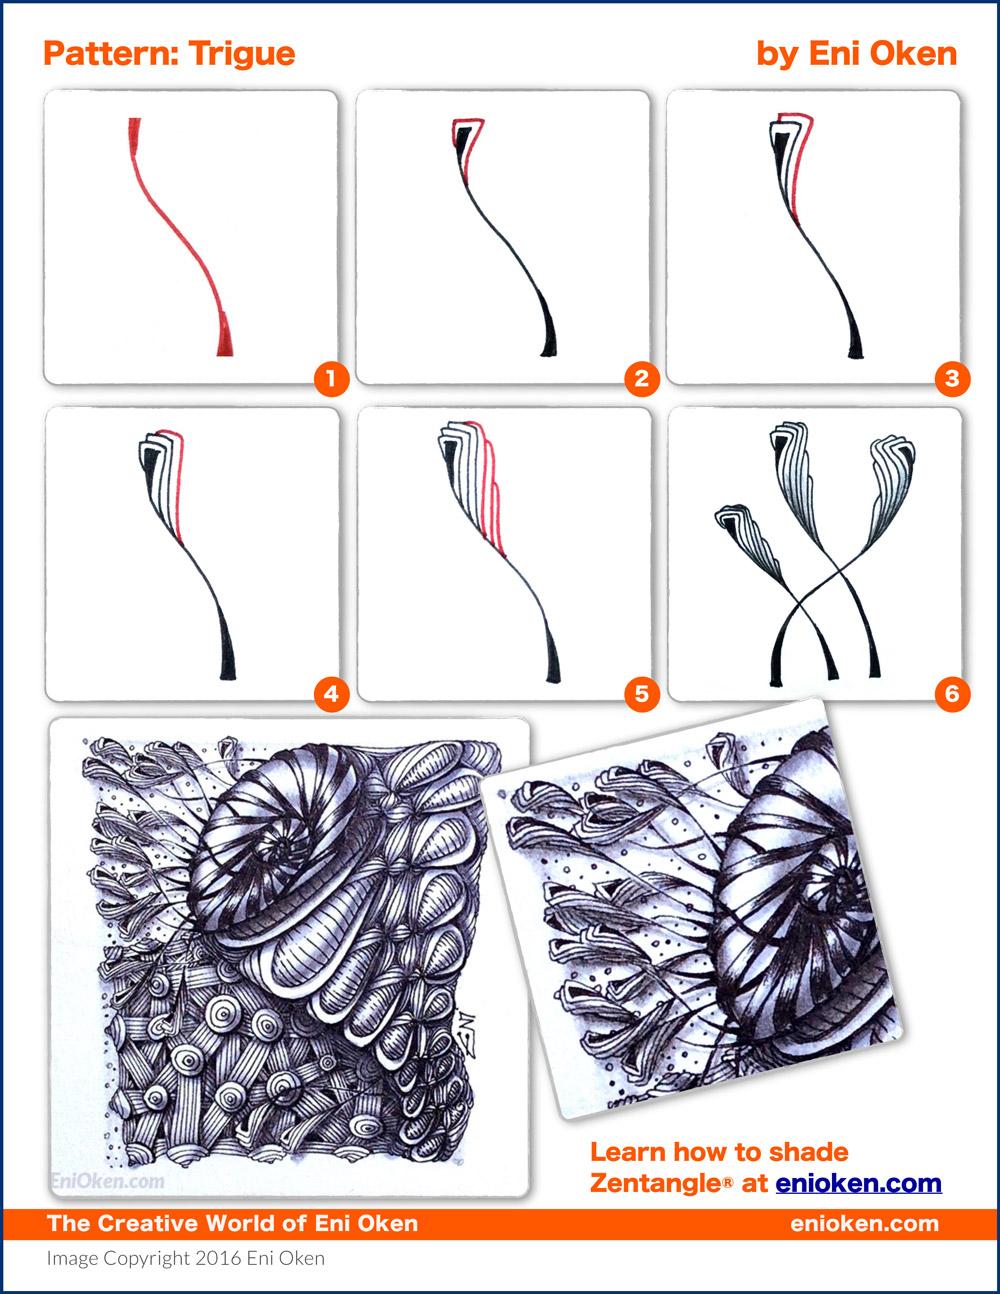 Drawn weed zentangle Zentangle® Oken Eni create